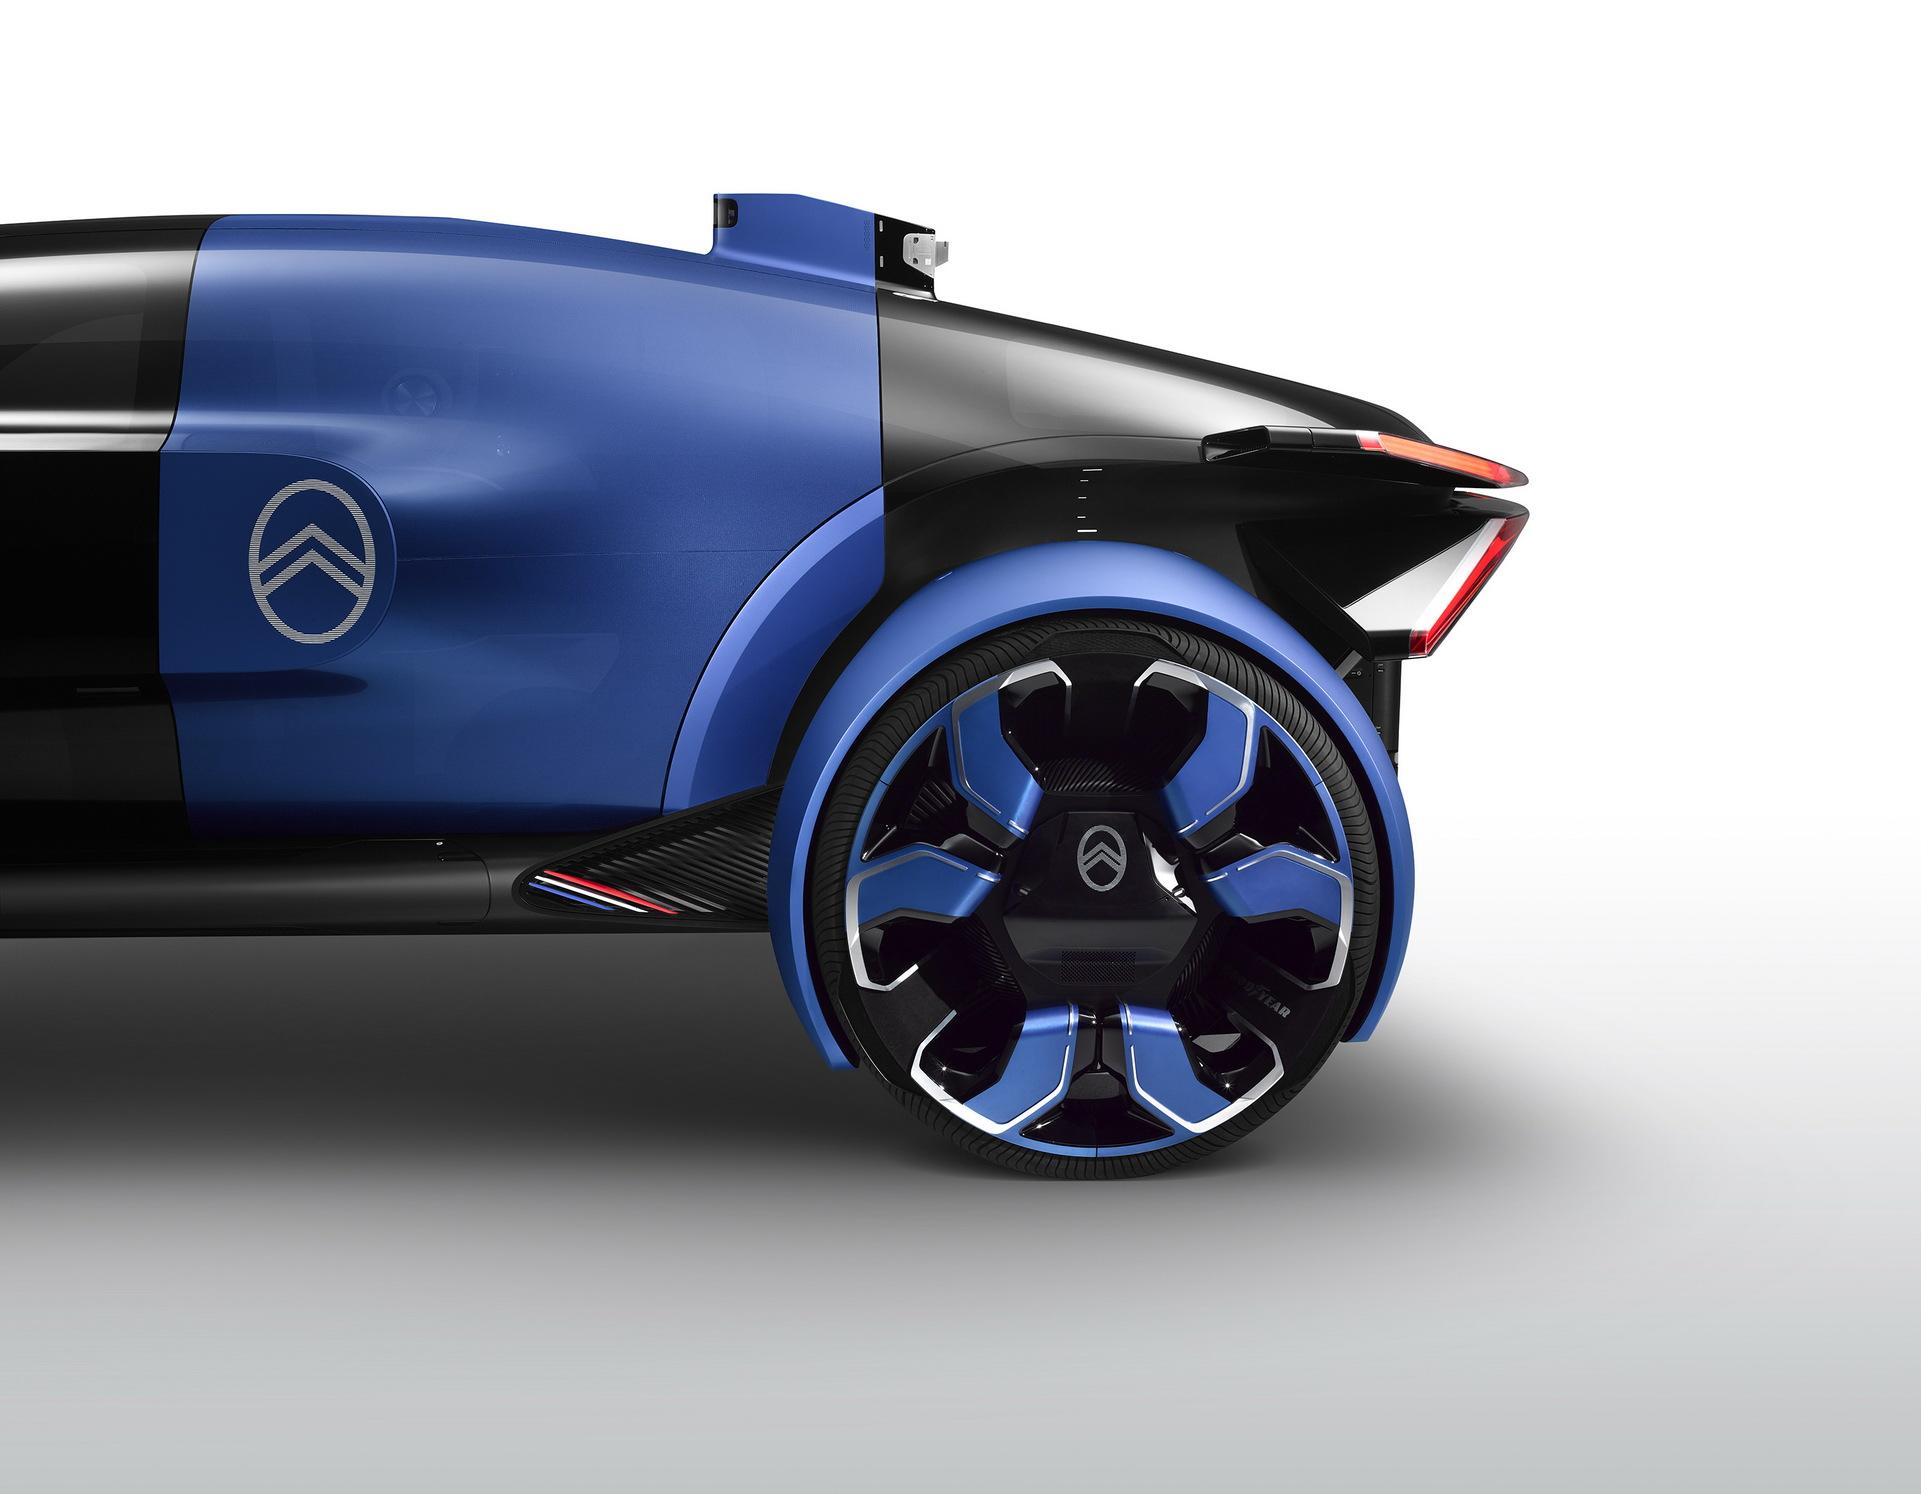 Како изгледа пневматик за автономен електричен автомобил од иднината? / ФОТО+ВИДЕО